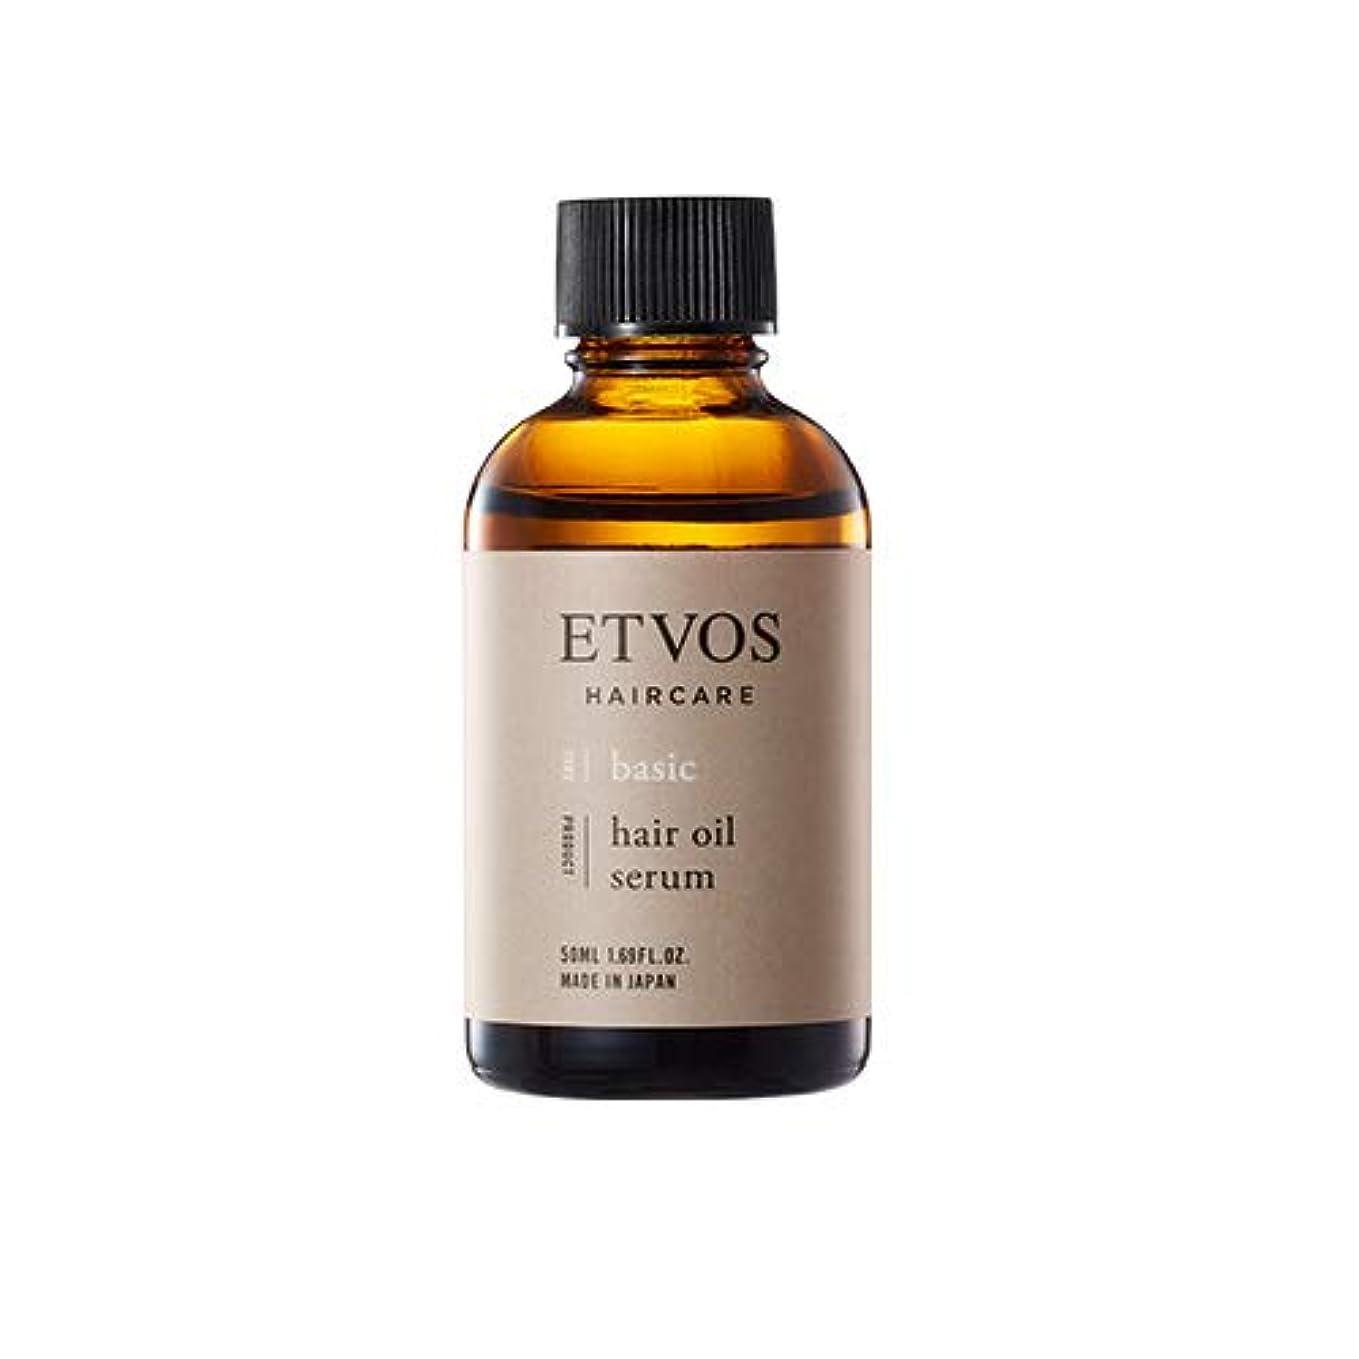 球状驚かすルビーETVOS(エトヴォス) ヘアオイルセラム 50ml ヘアスタイル 毛髪補修成分 乾燥 熱 ノンシリコン 美容オイル